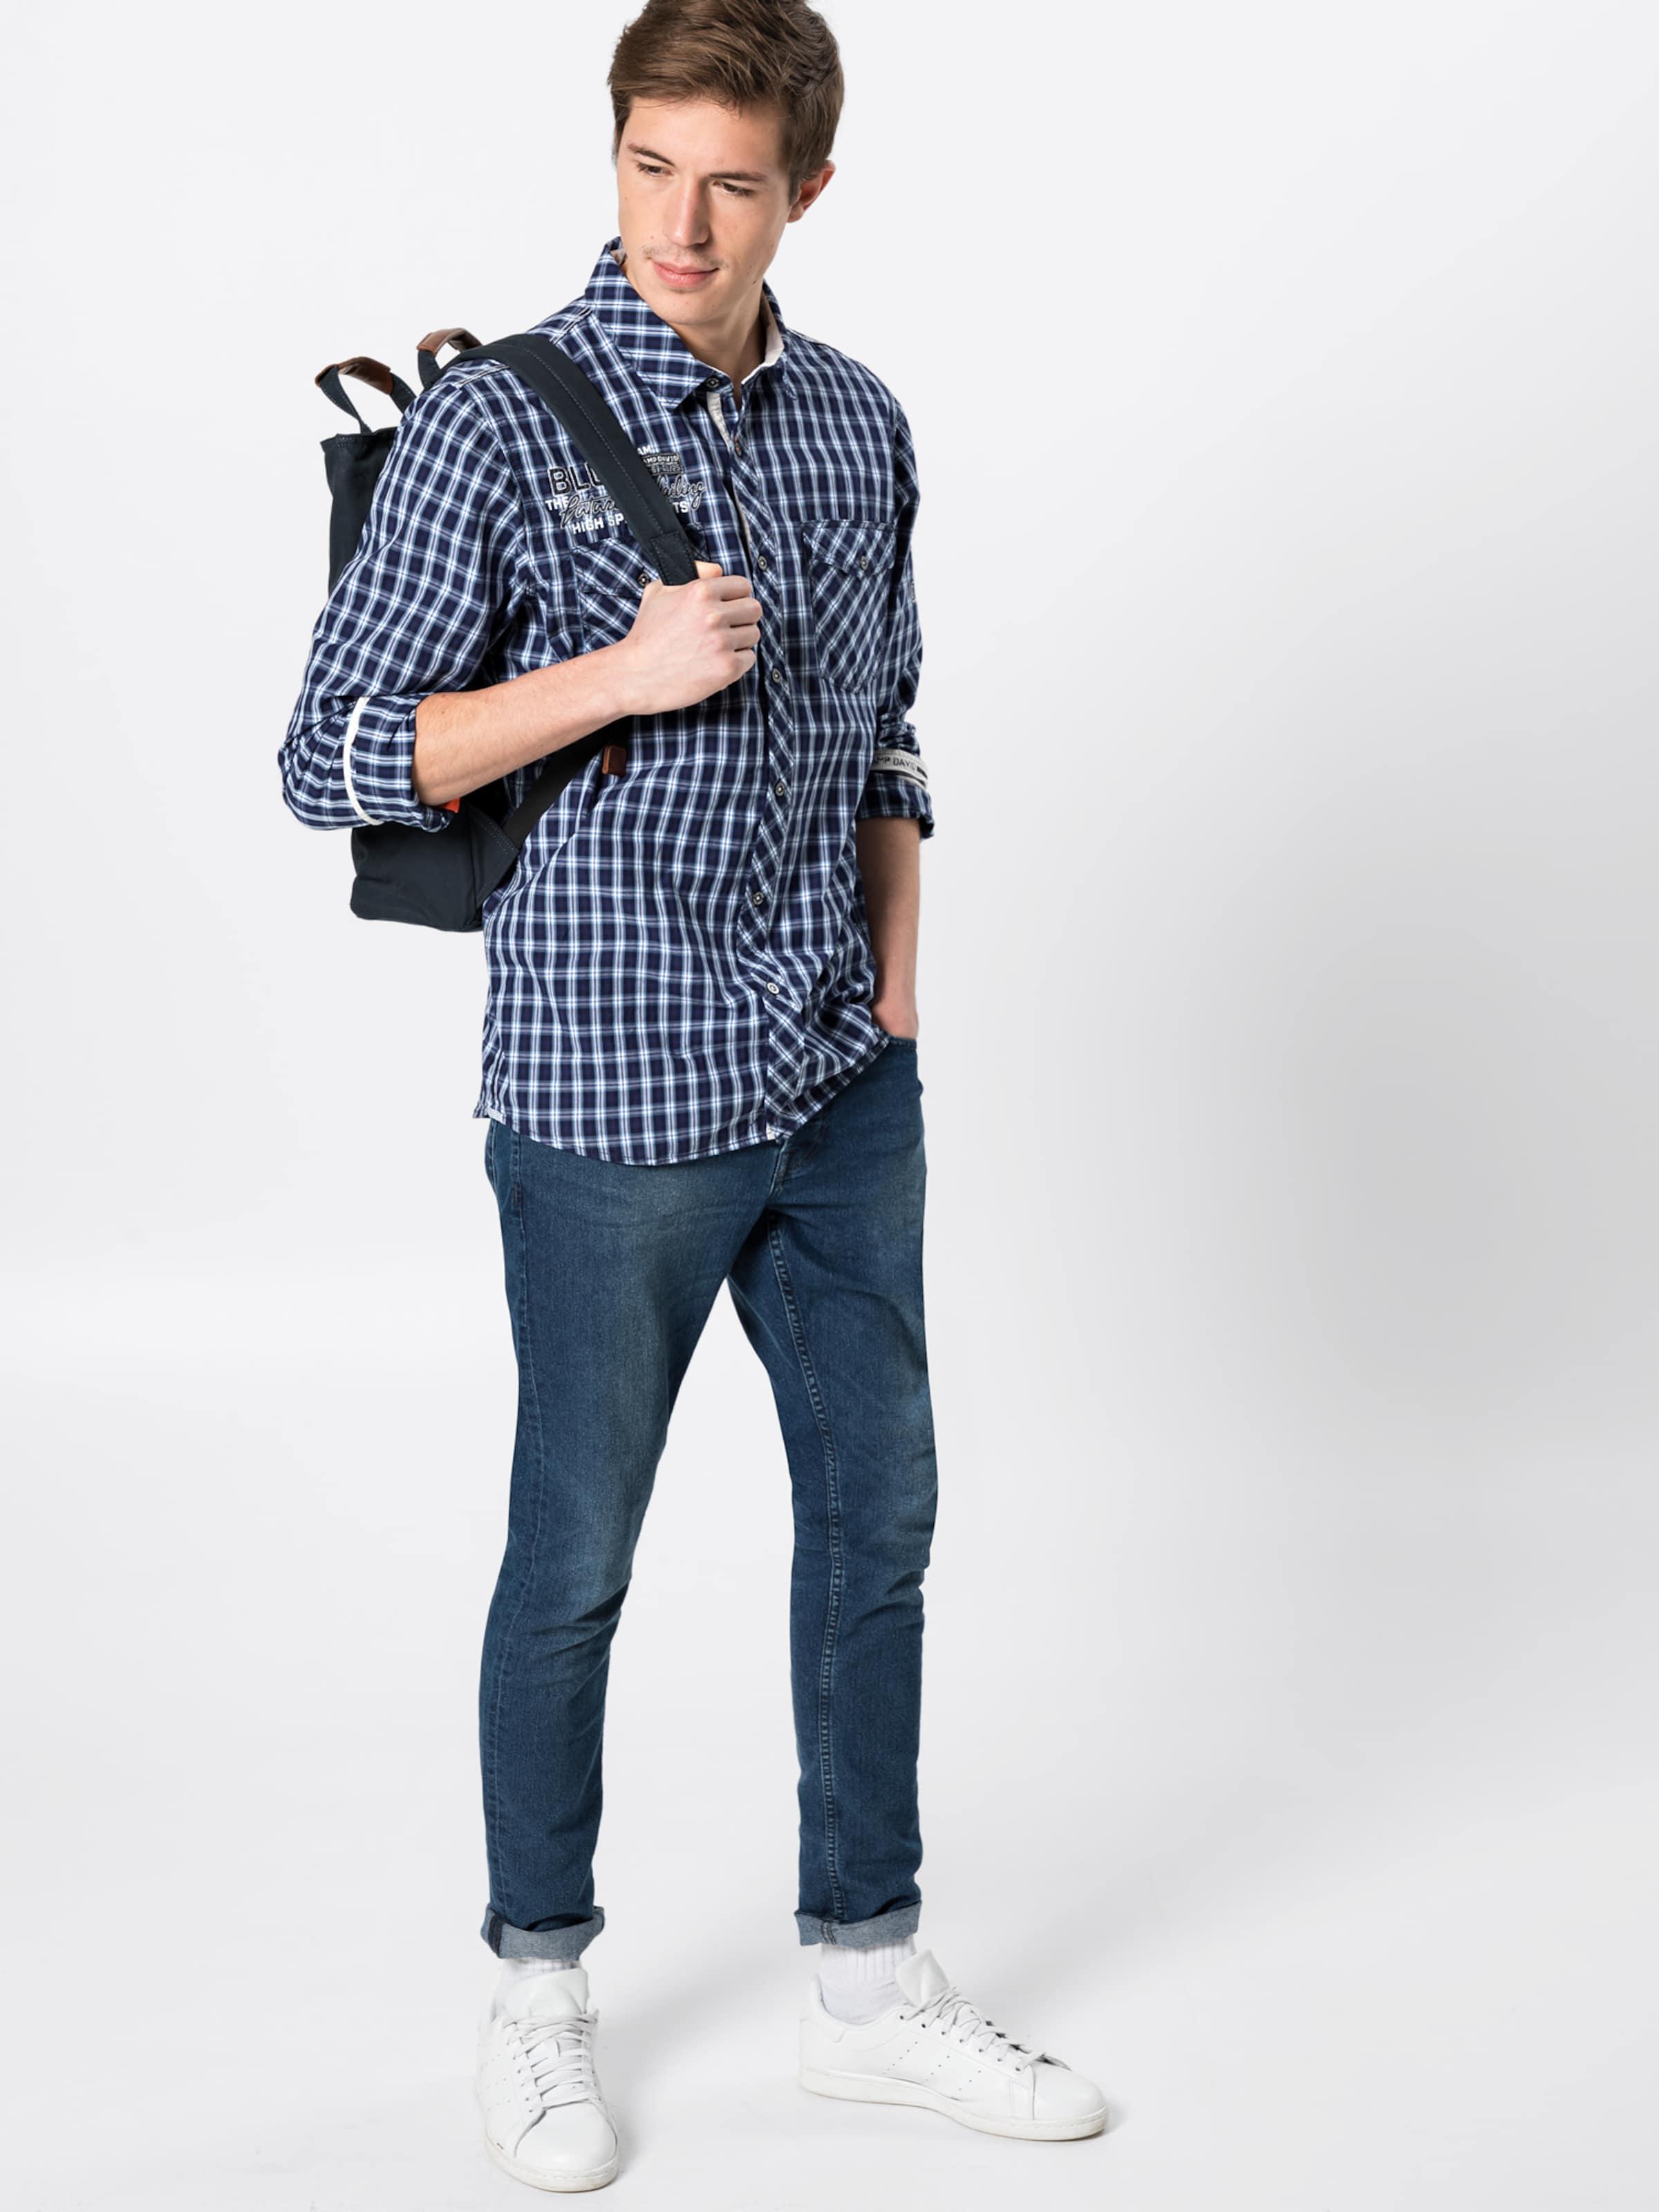 David Check' Camp 'shirt Chemise MarineBlanc Bleu 1 1 En cK1JlF